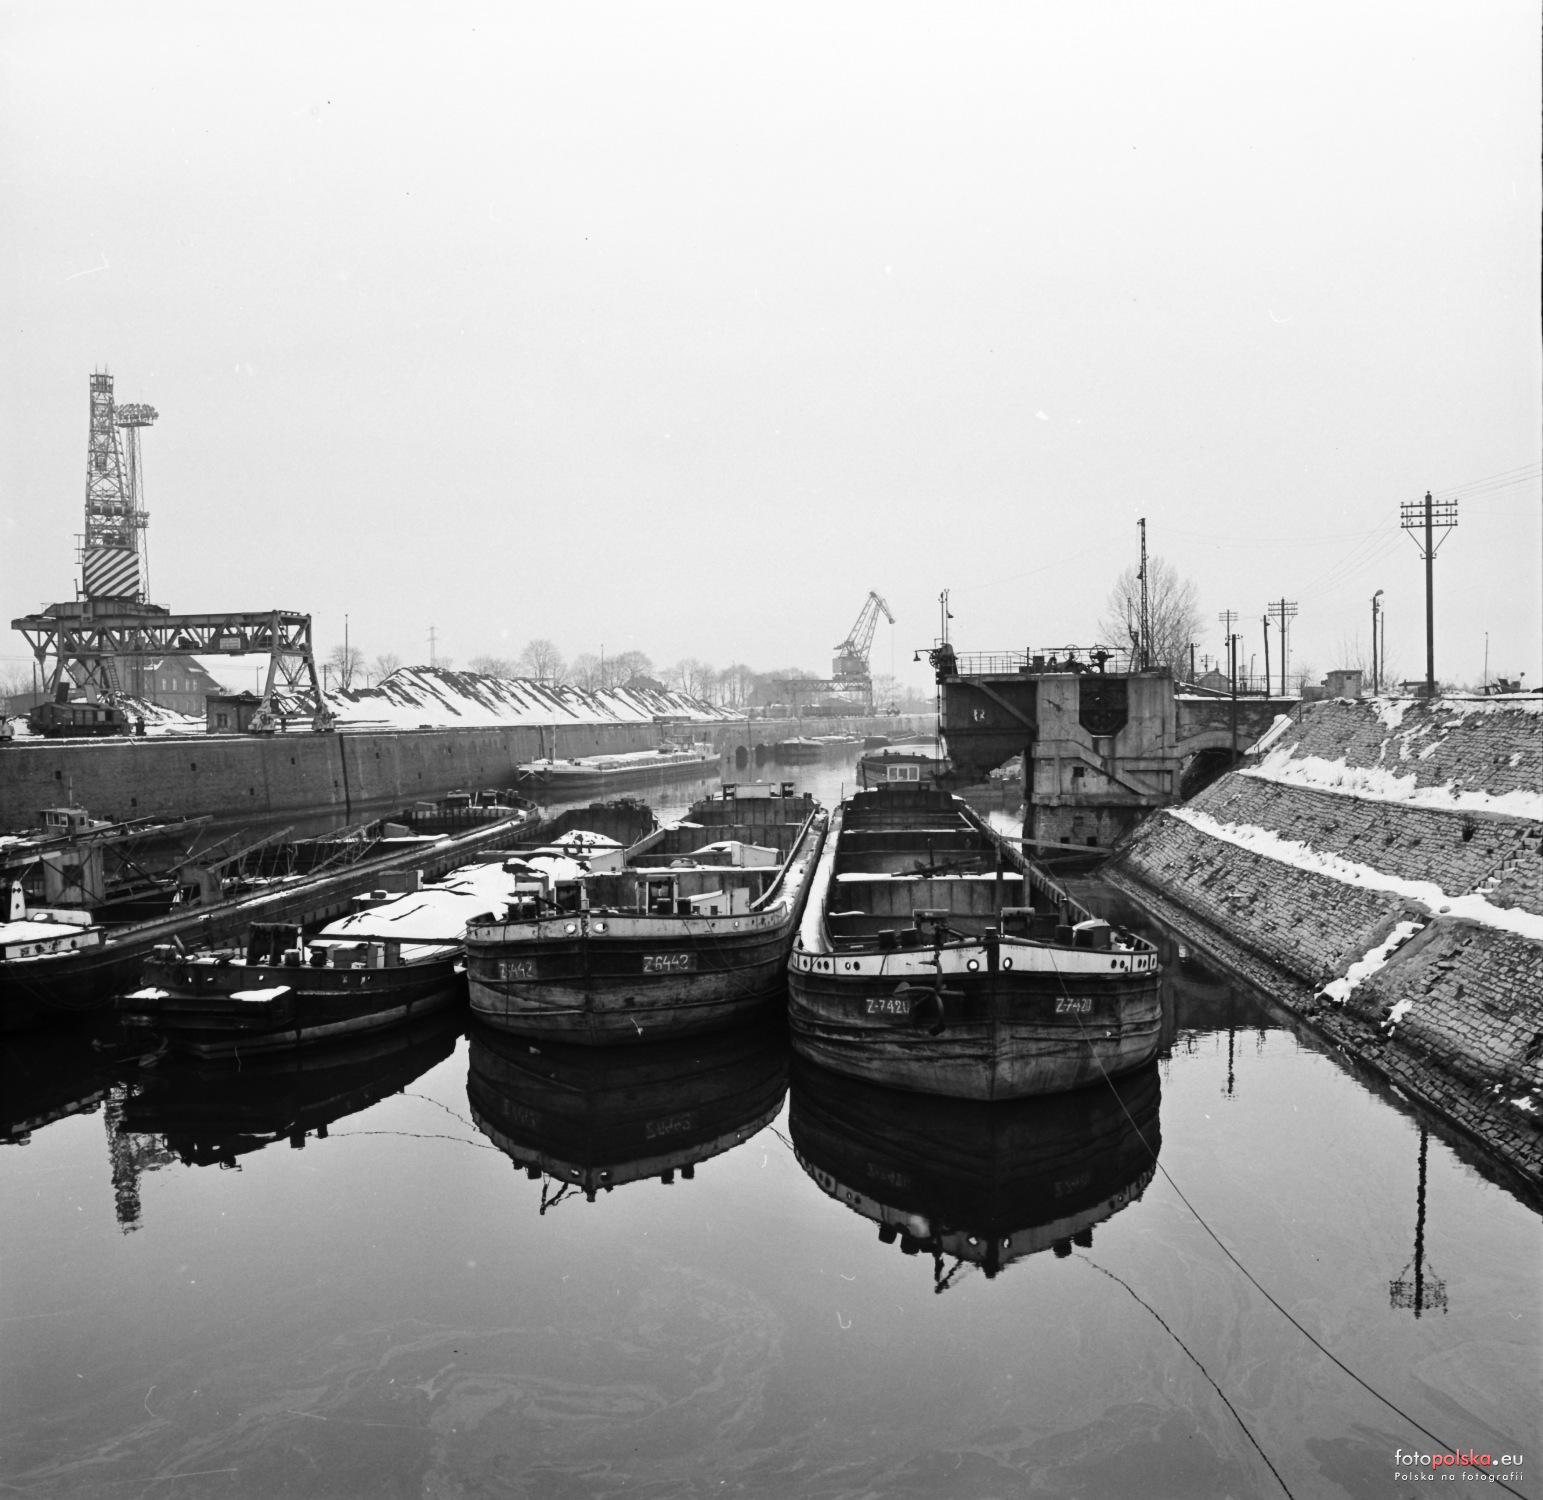 Port_rzeczny_Kozle_1361448_Fotopolska-Eu.jpg